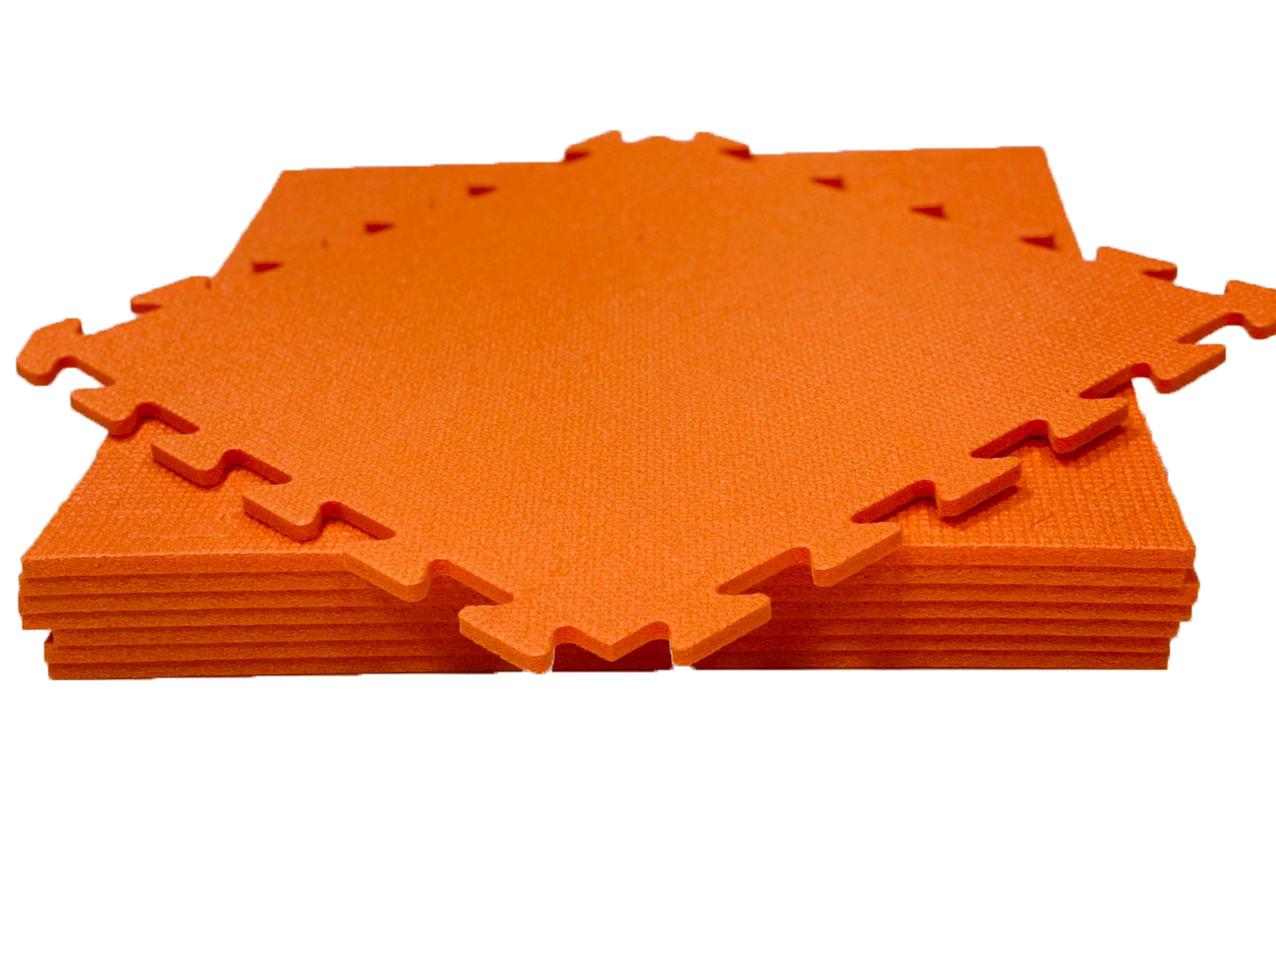 Lanor Дитячий м'яка підлога-пазл 480*480*10мм НХ помаранчевий